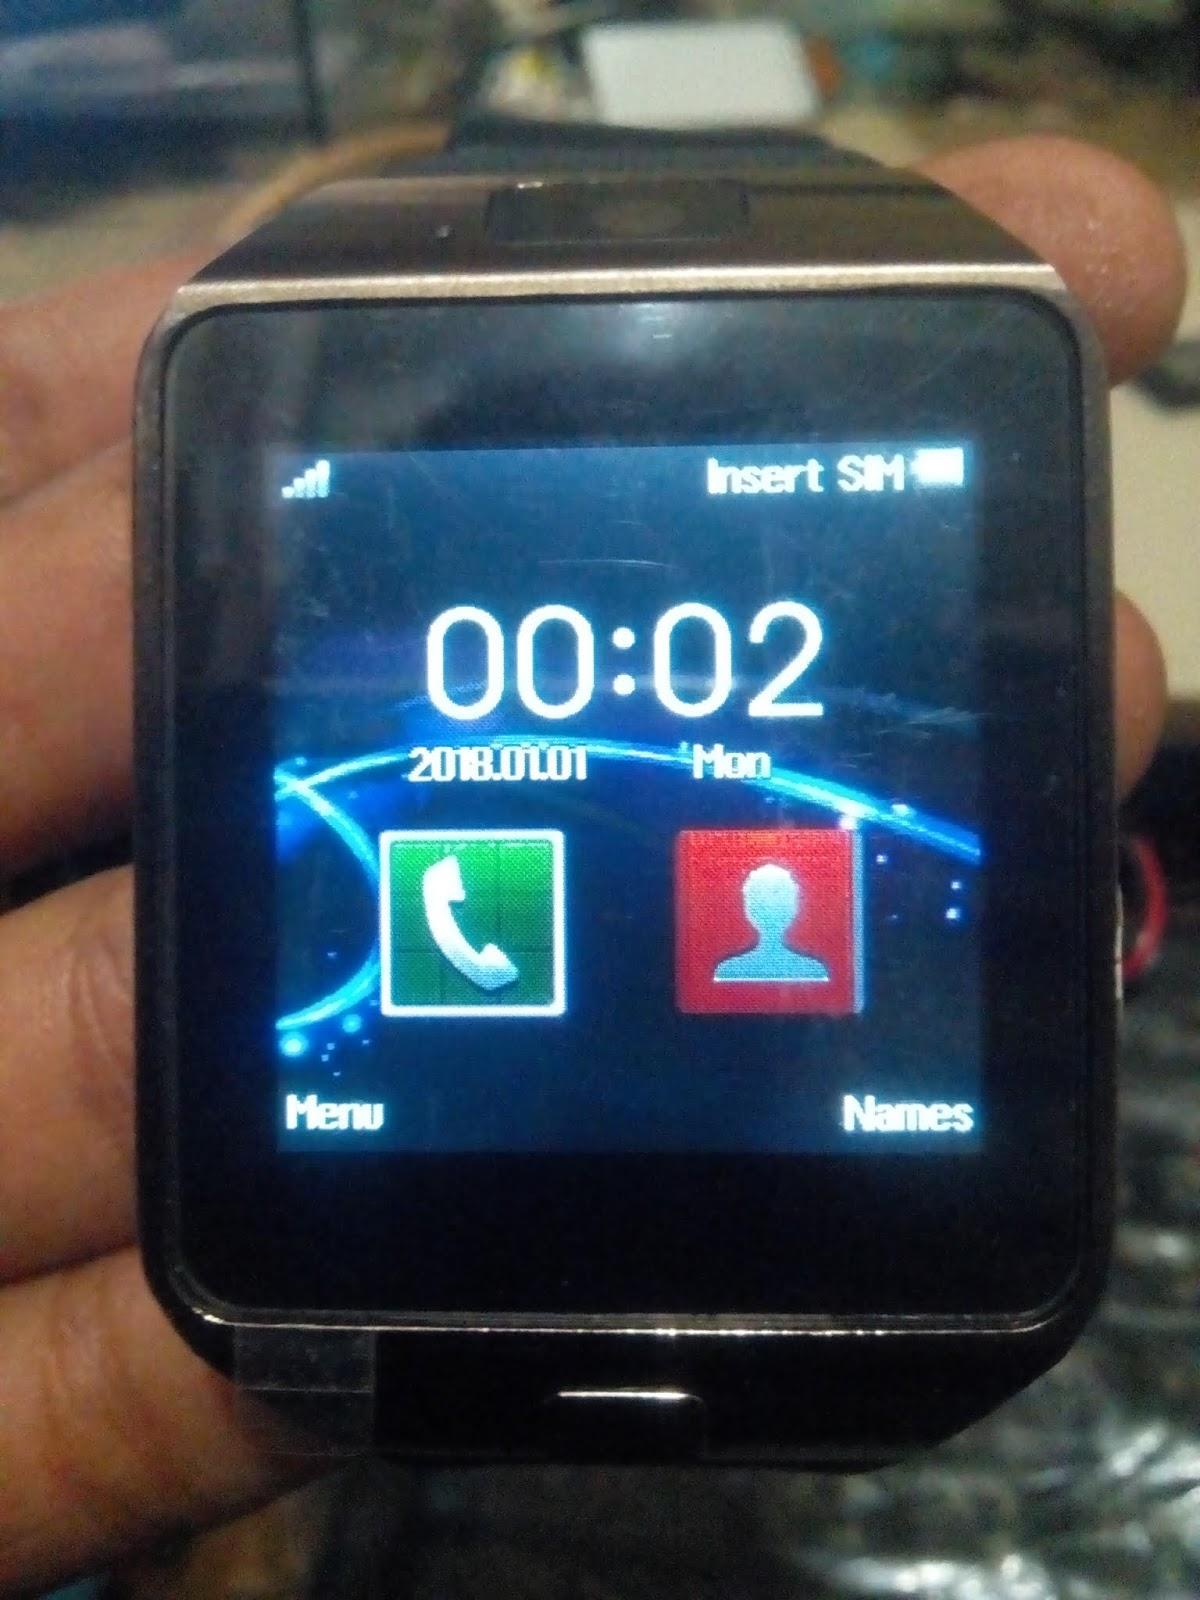 Smart Watch DZ09 MT6260 flash file 100%ok RAZIB TELECOM ~ Gsm Razib